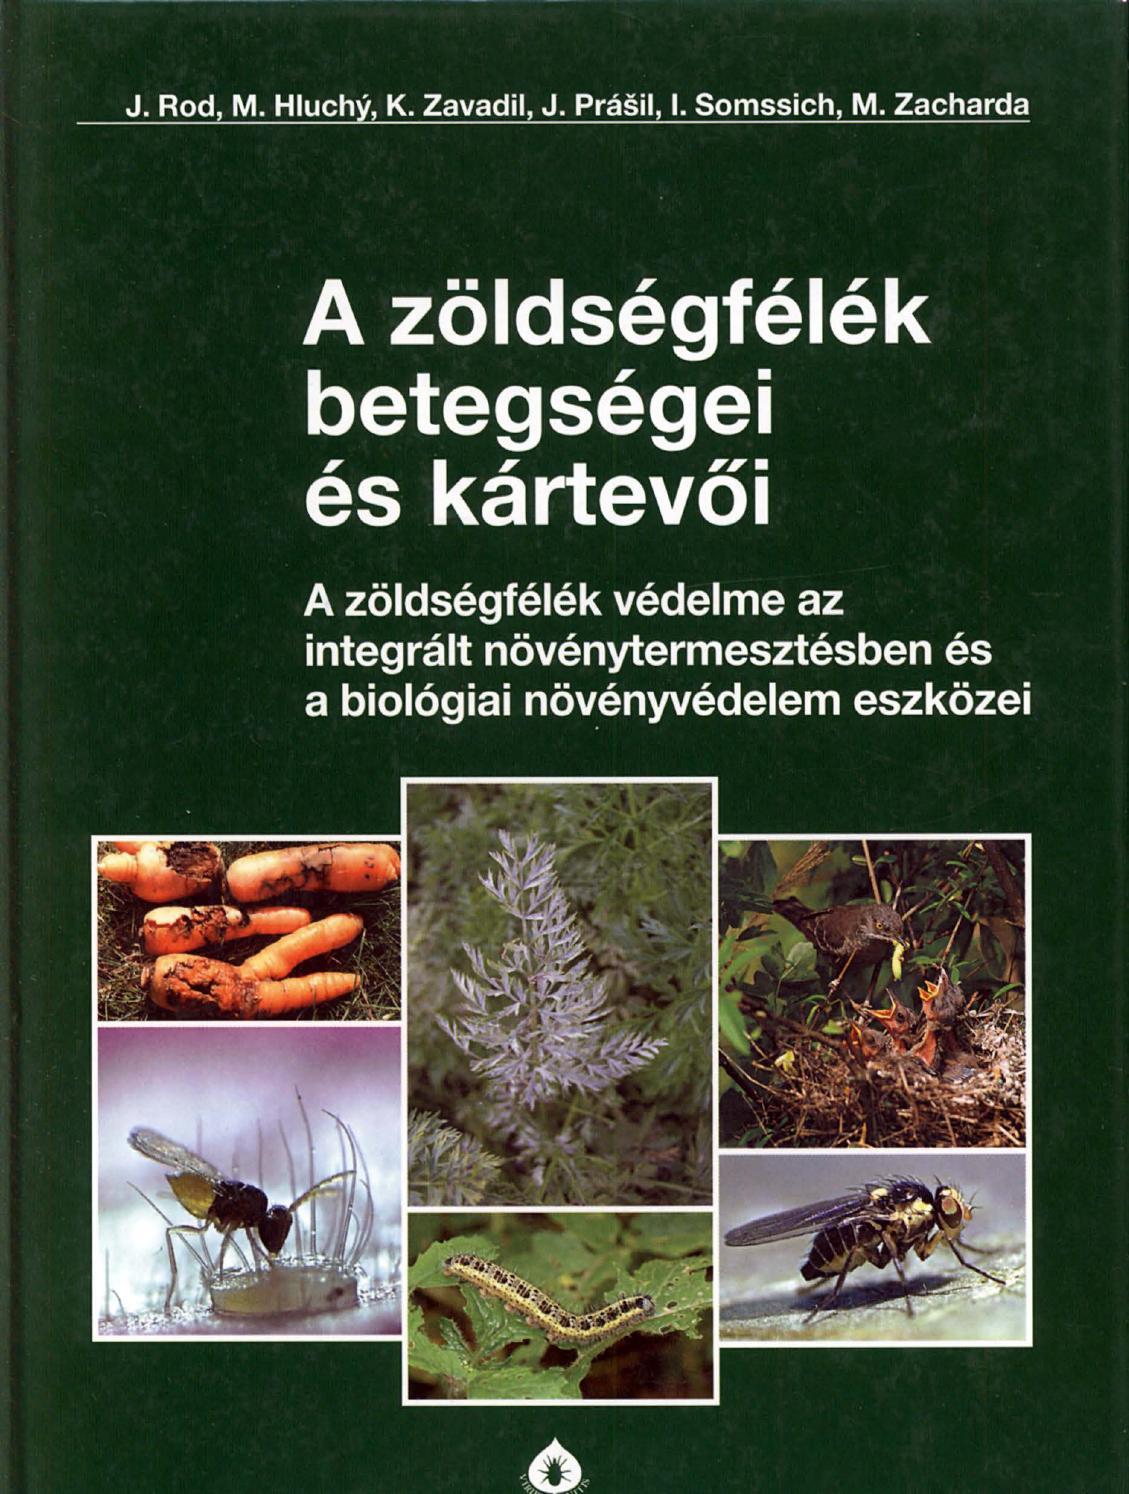 endoparaziták meghatározási biológia